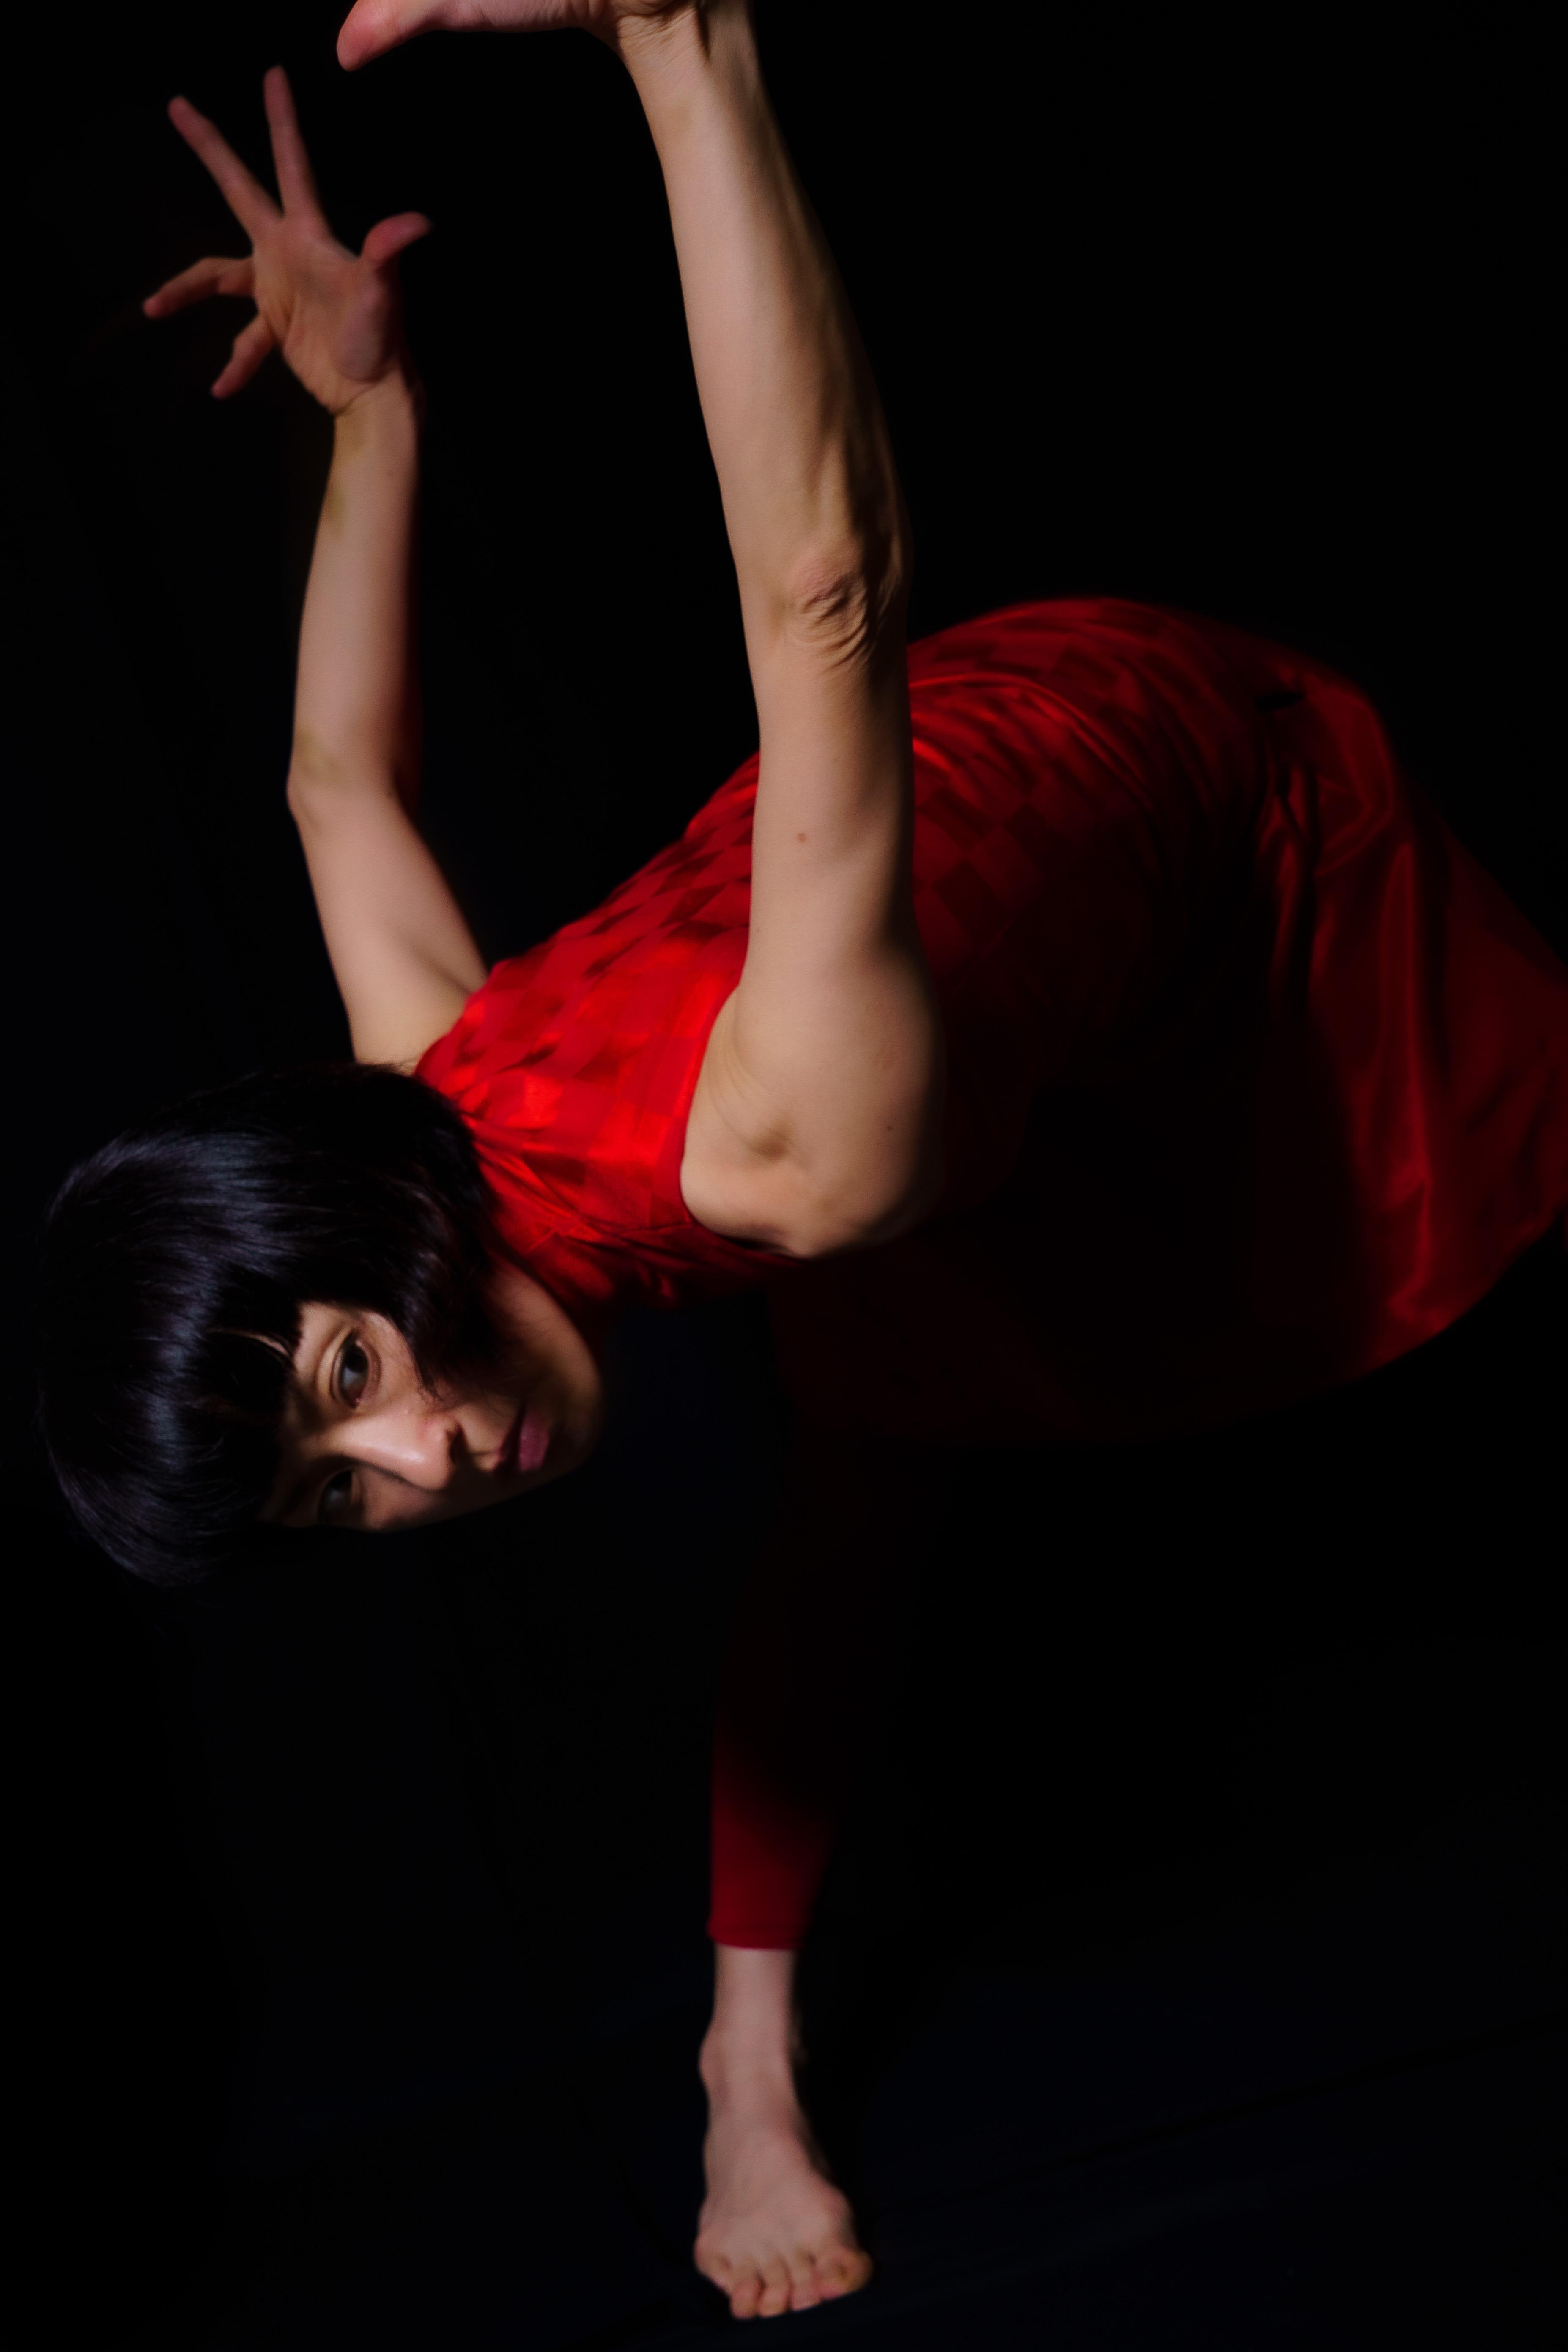 Photo by Toshio Komatsu